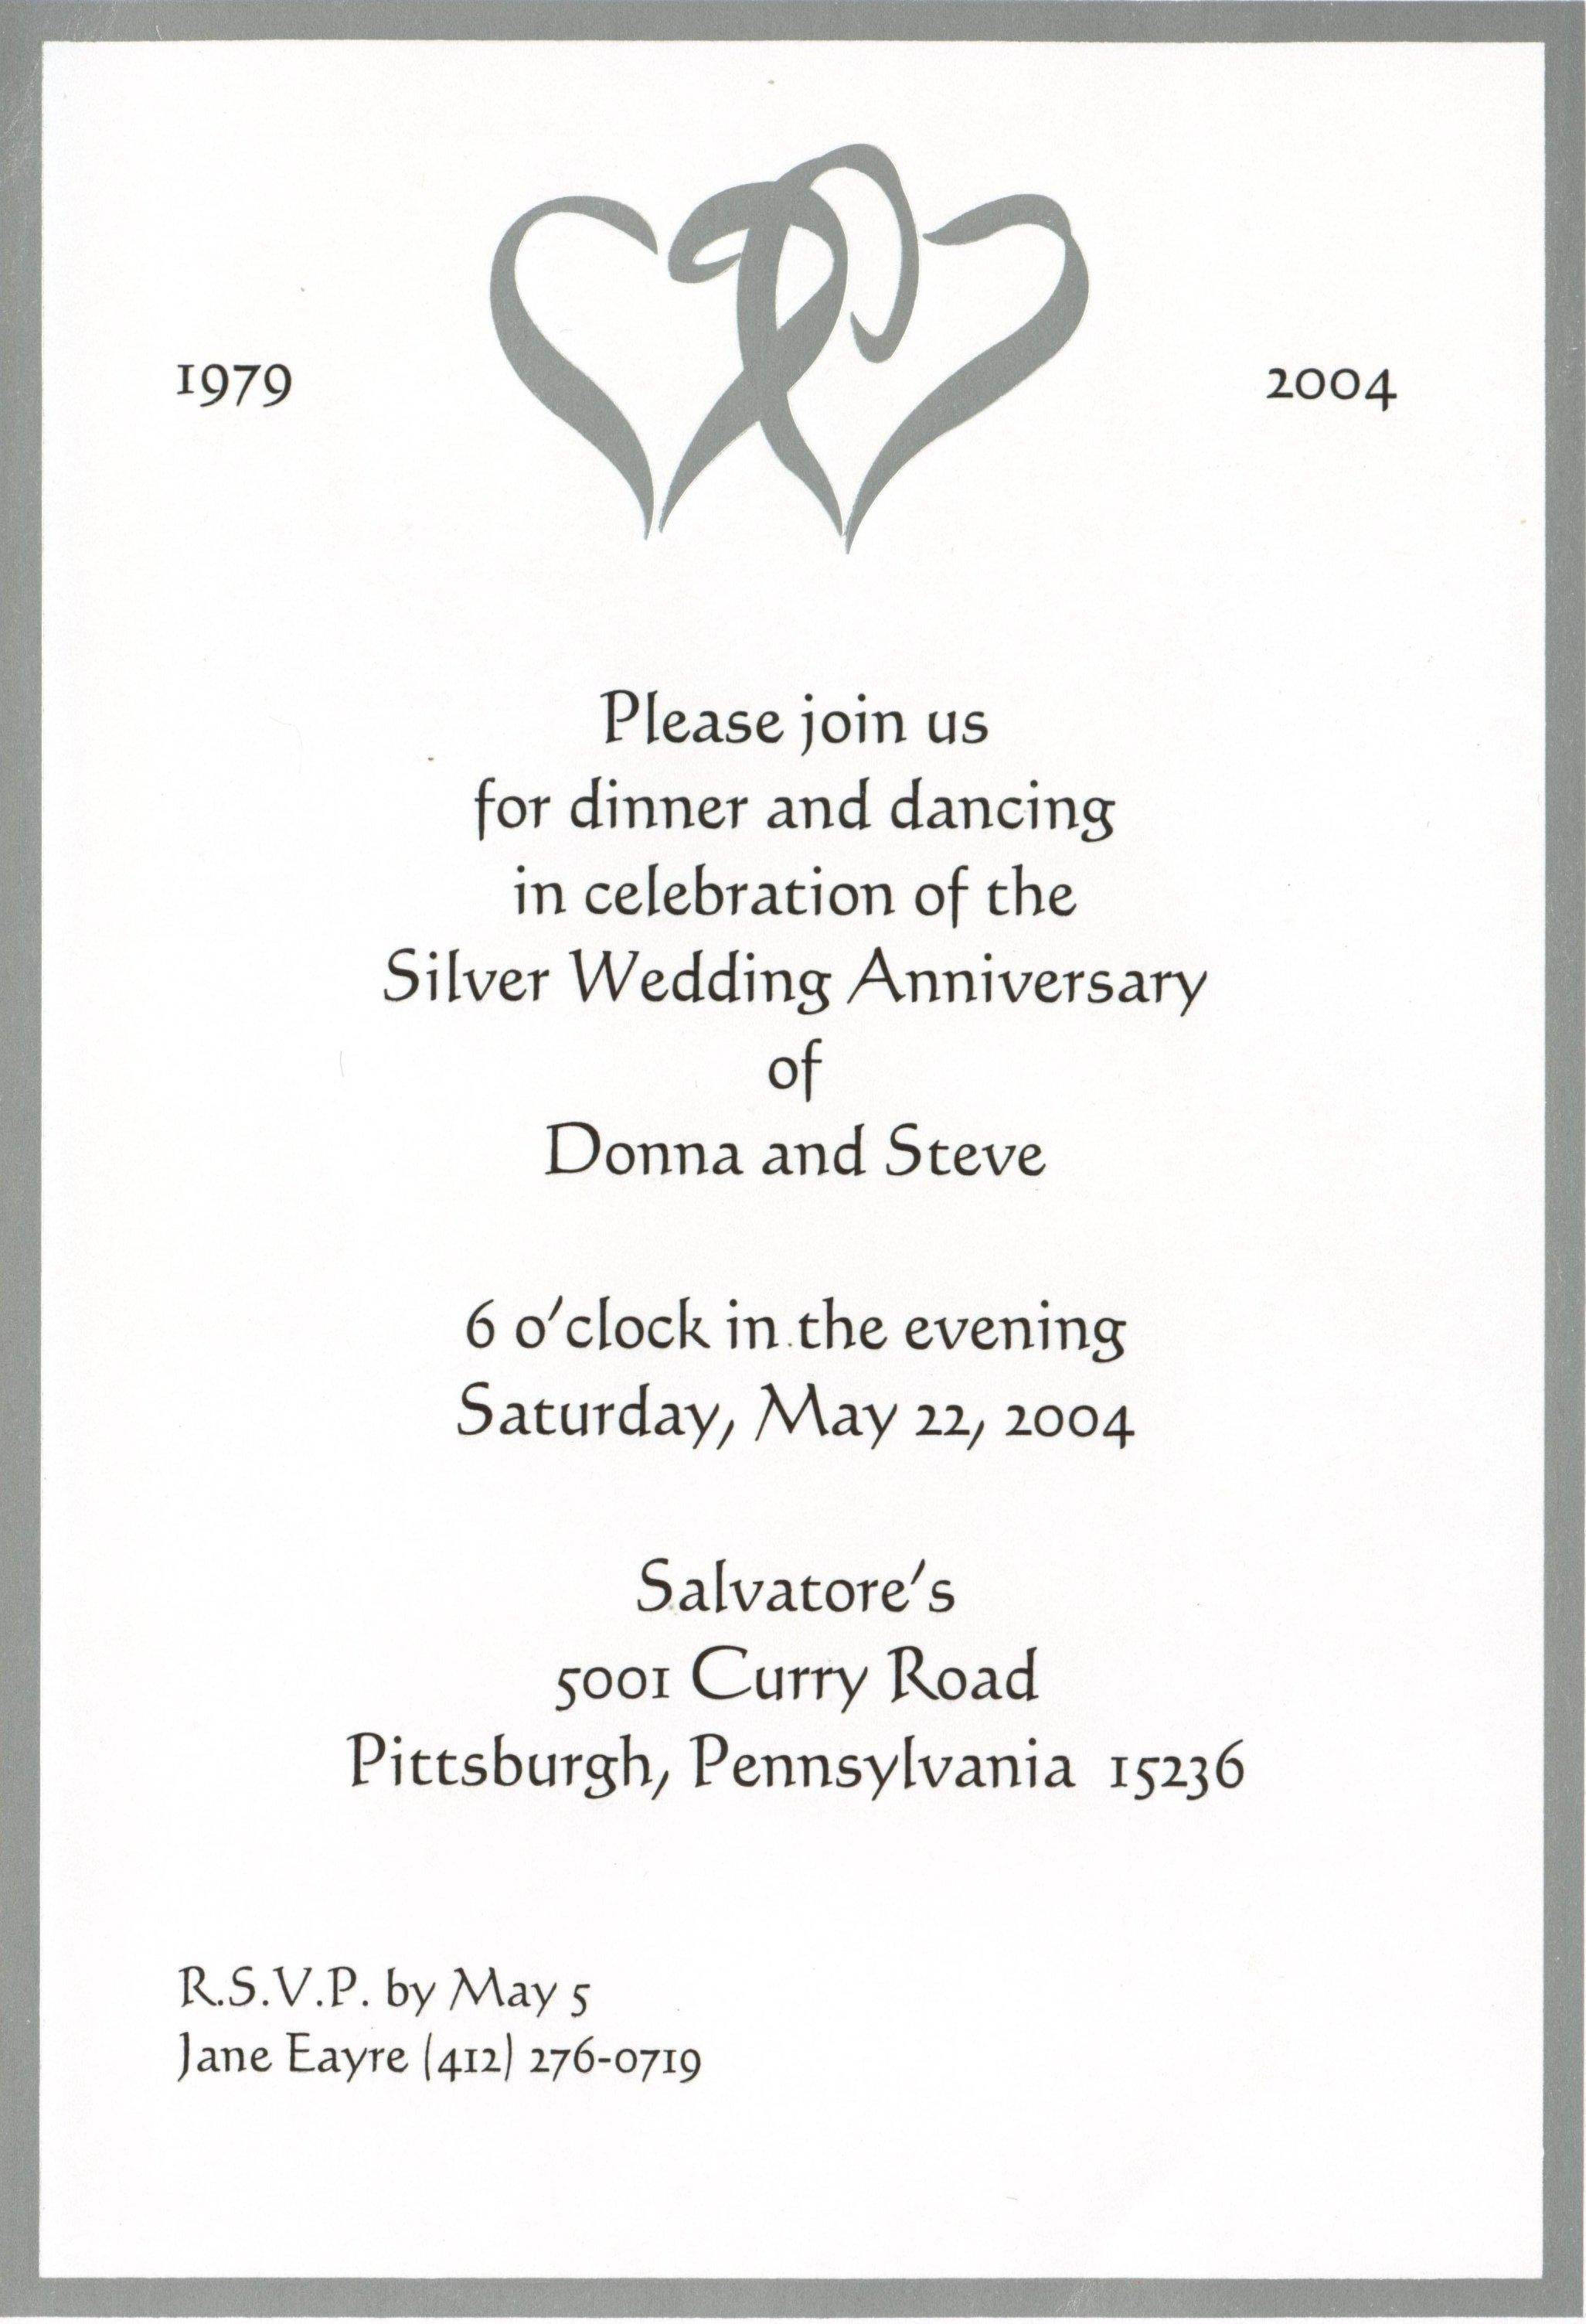 Free Anniversary Invitation Cliparts, Download Free Clip Art, Free